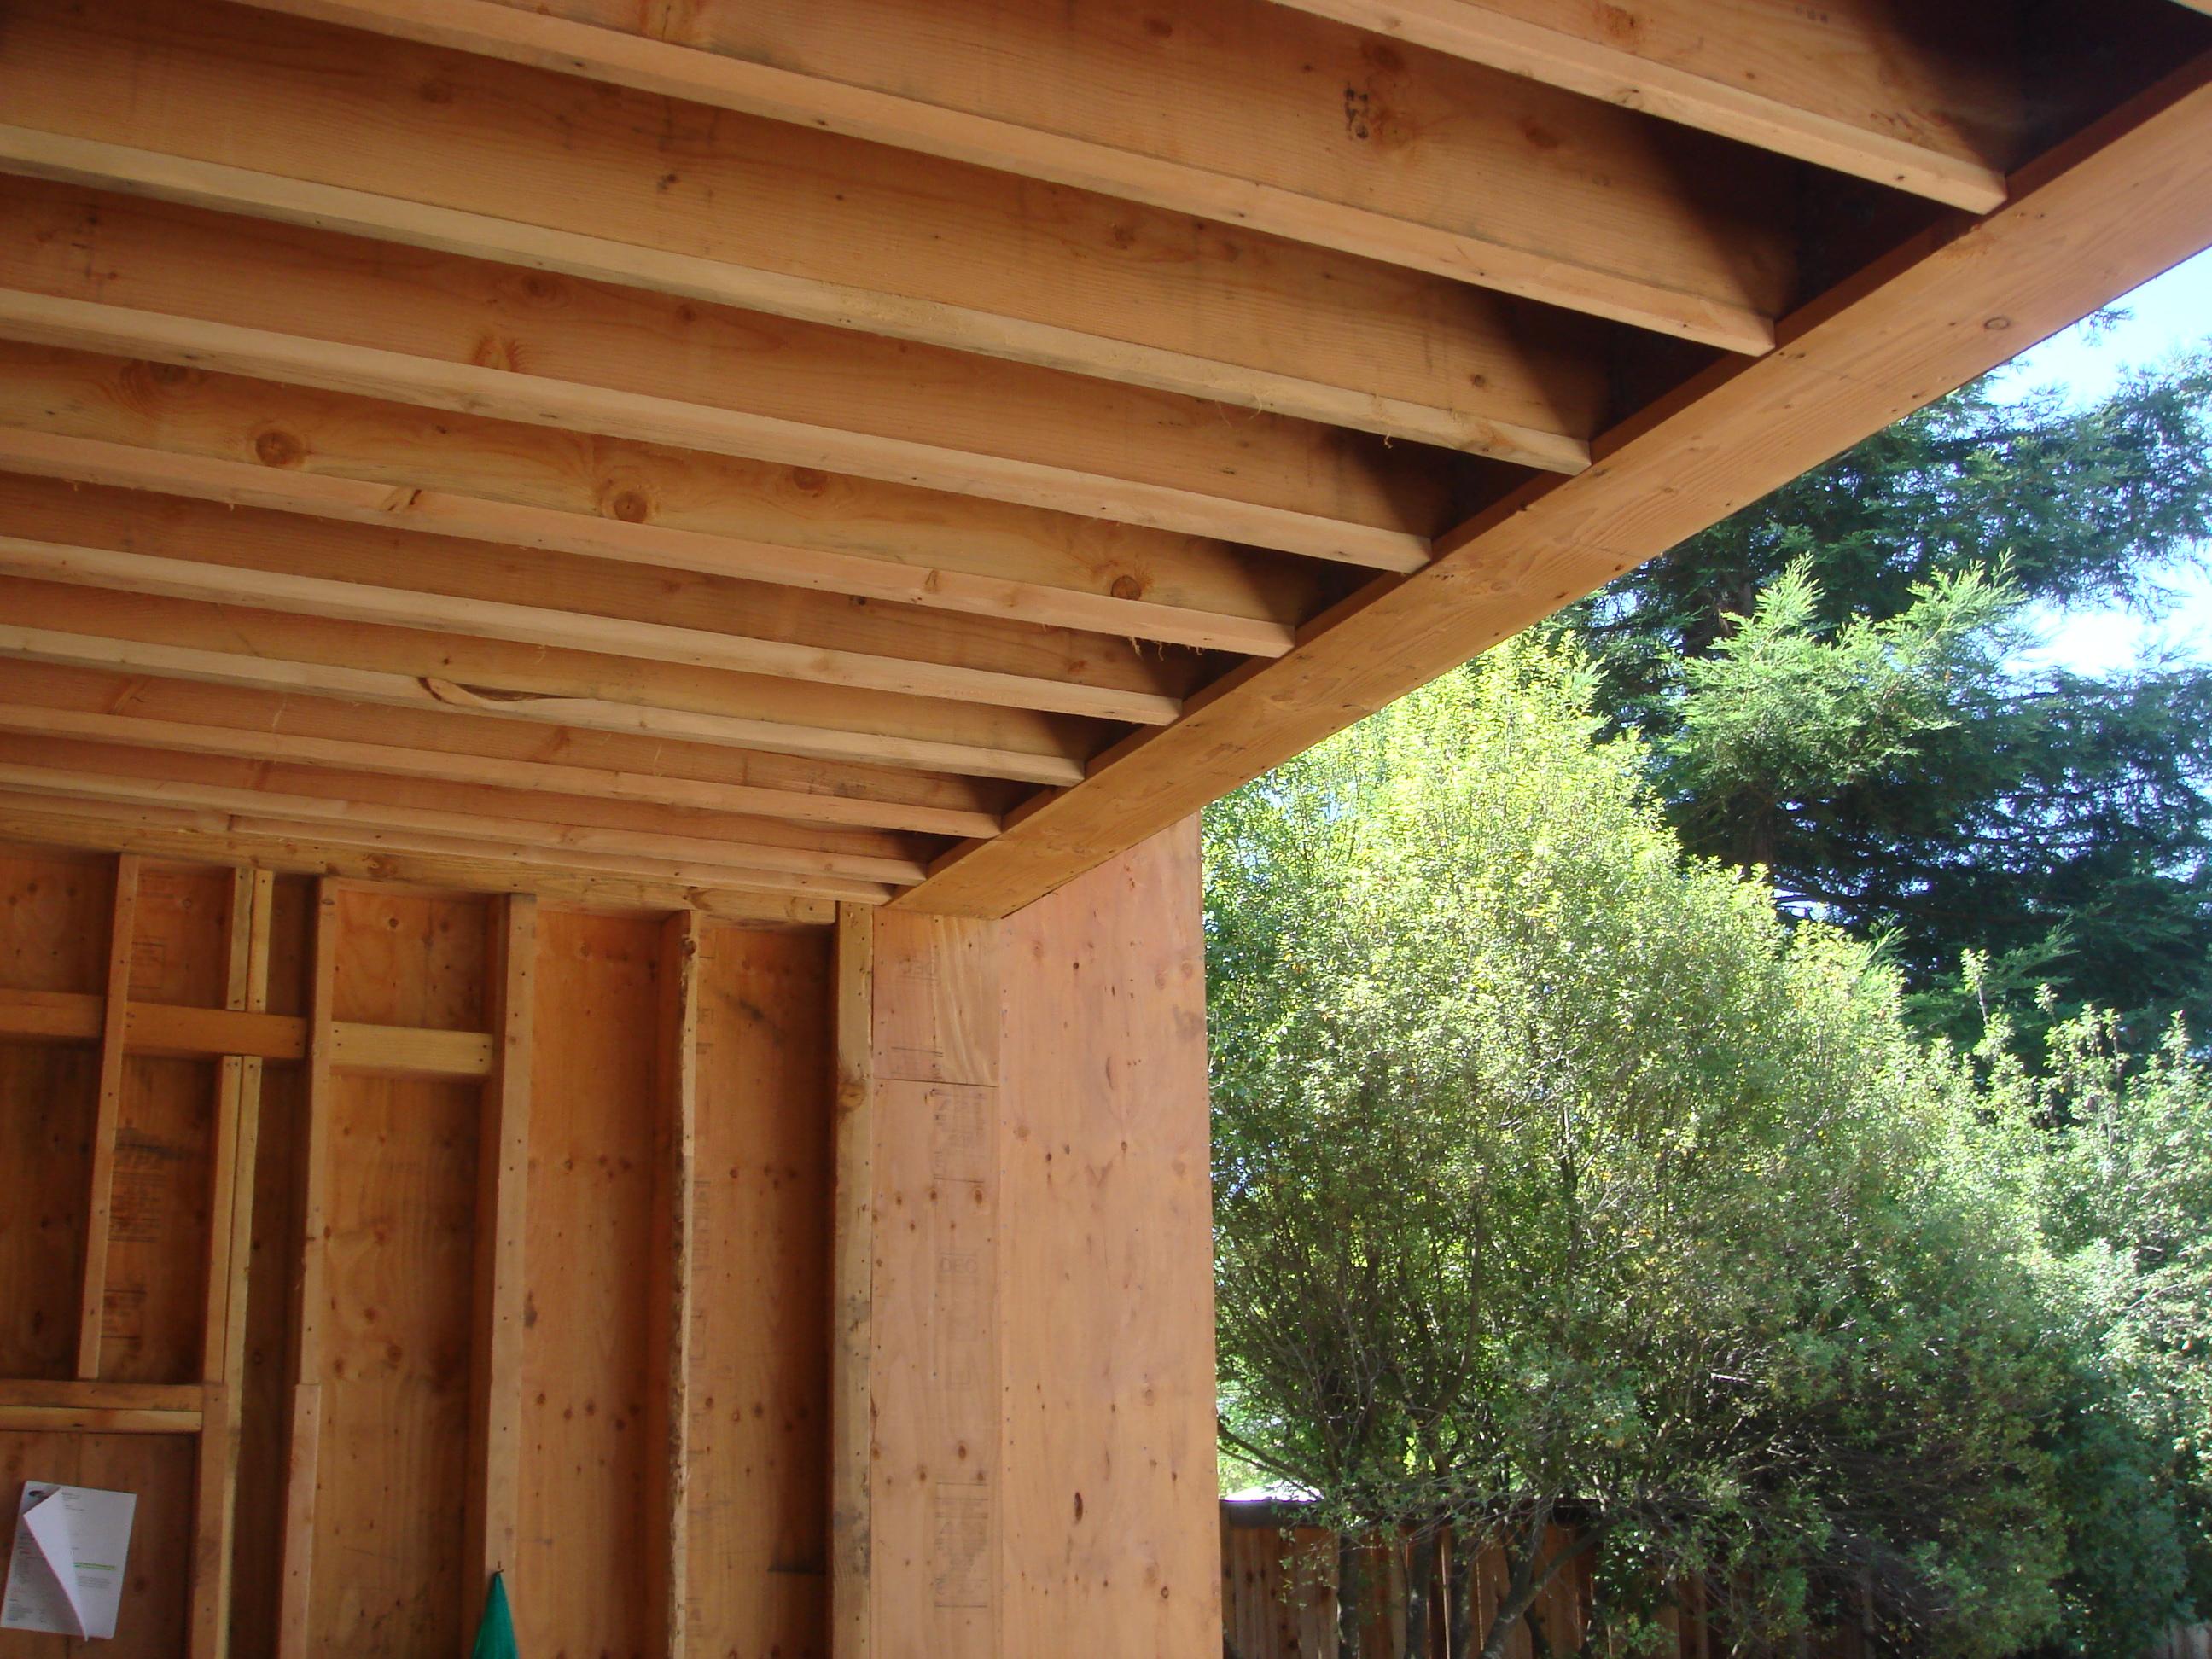 Modern pool house and garden sonoma enertia designs for Sonoma garden designs